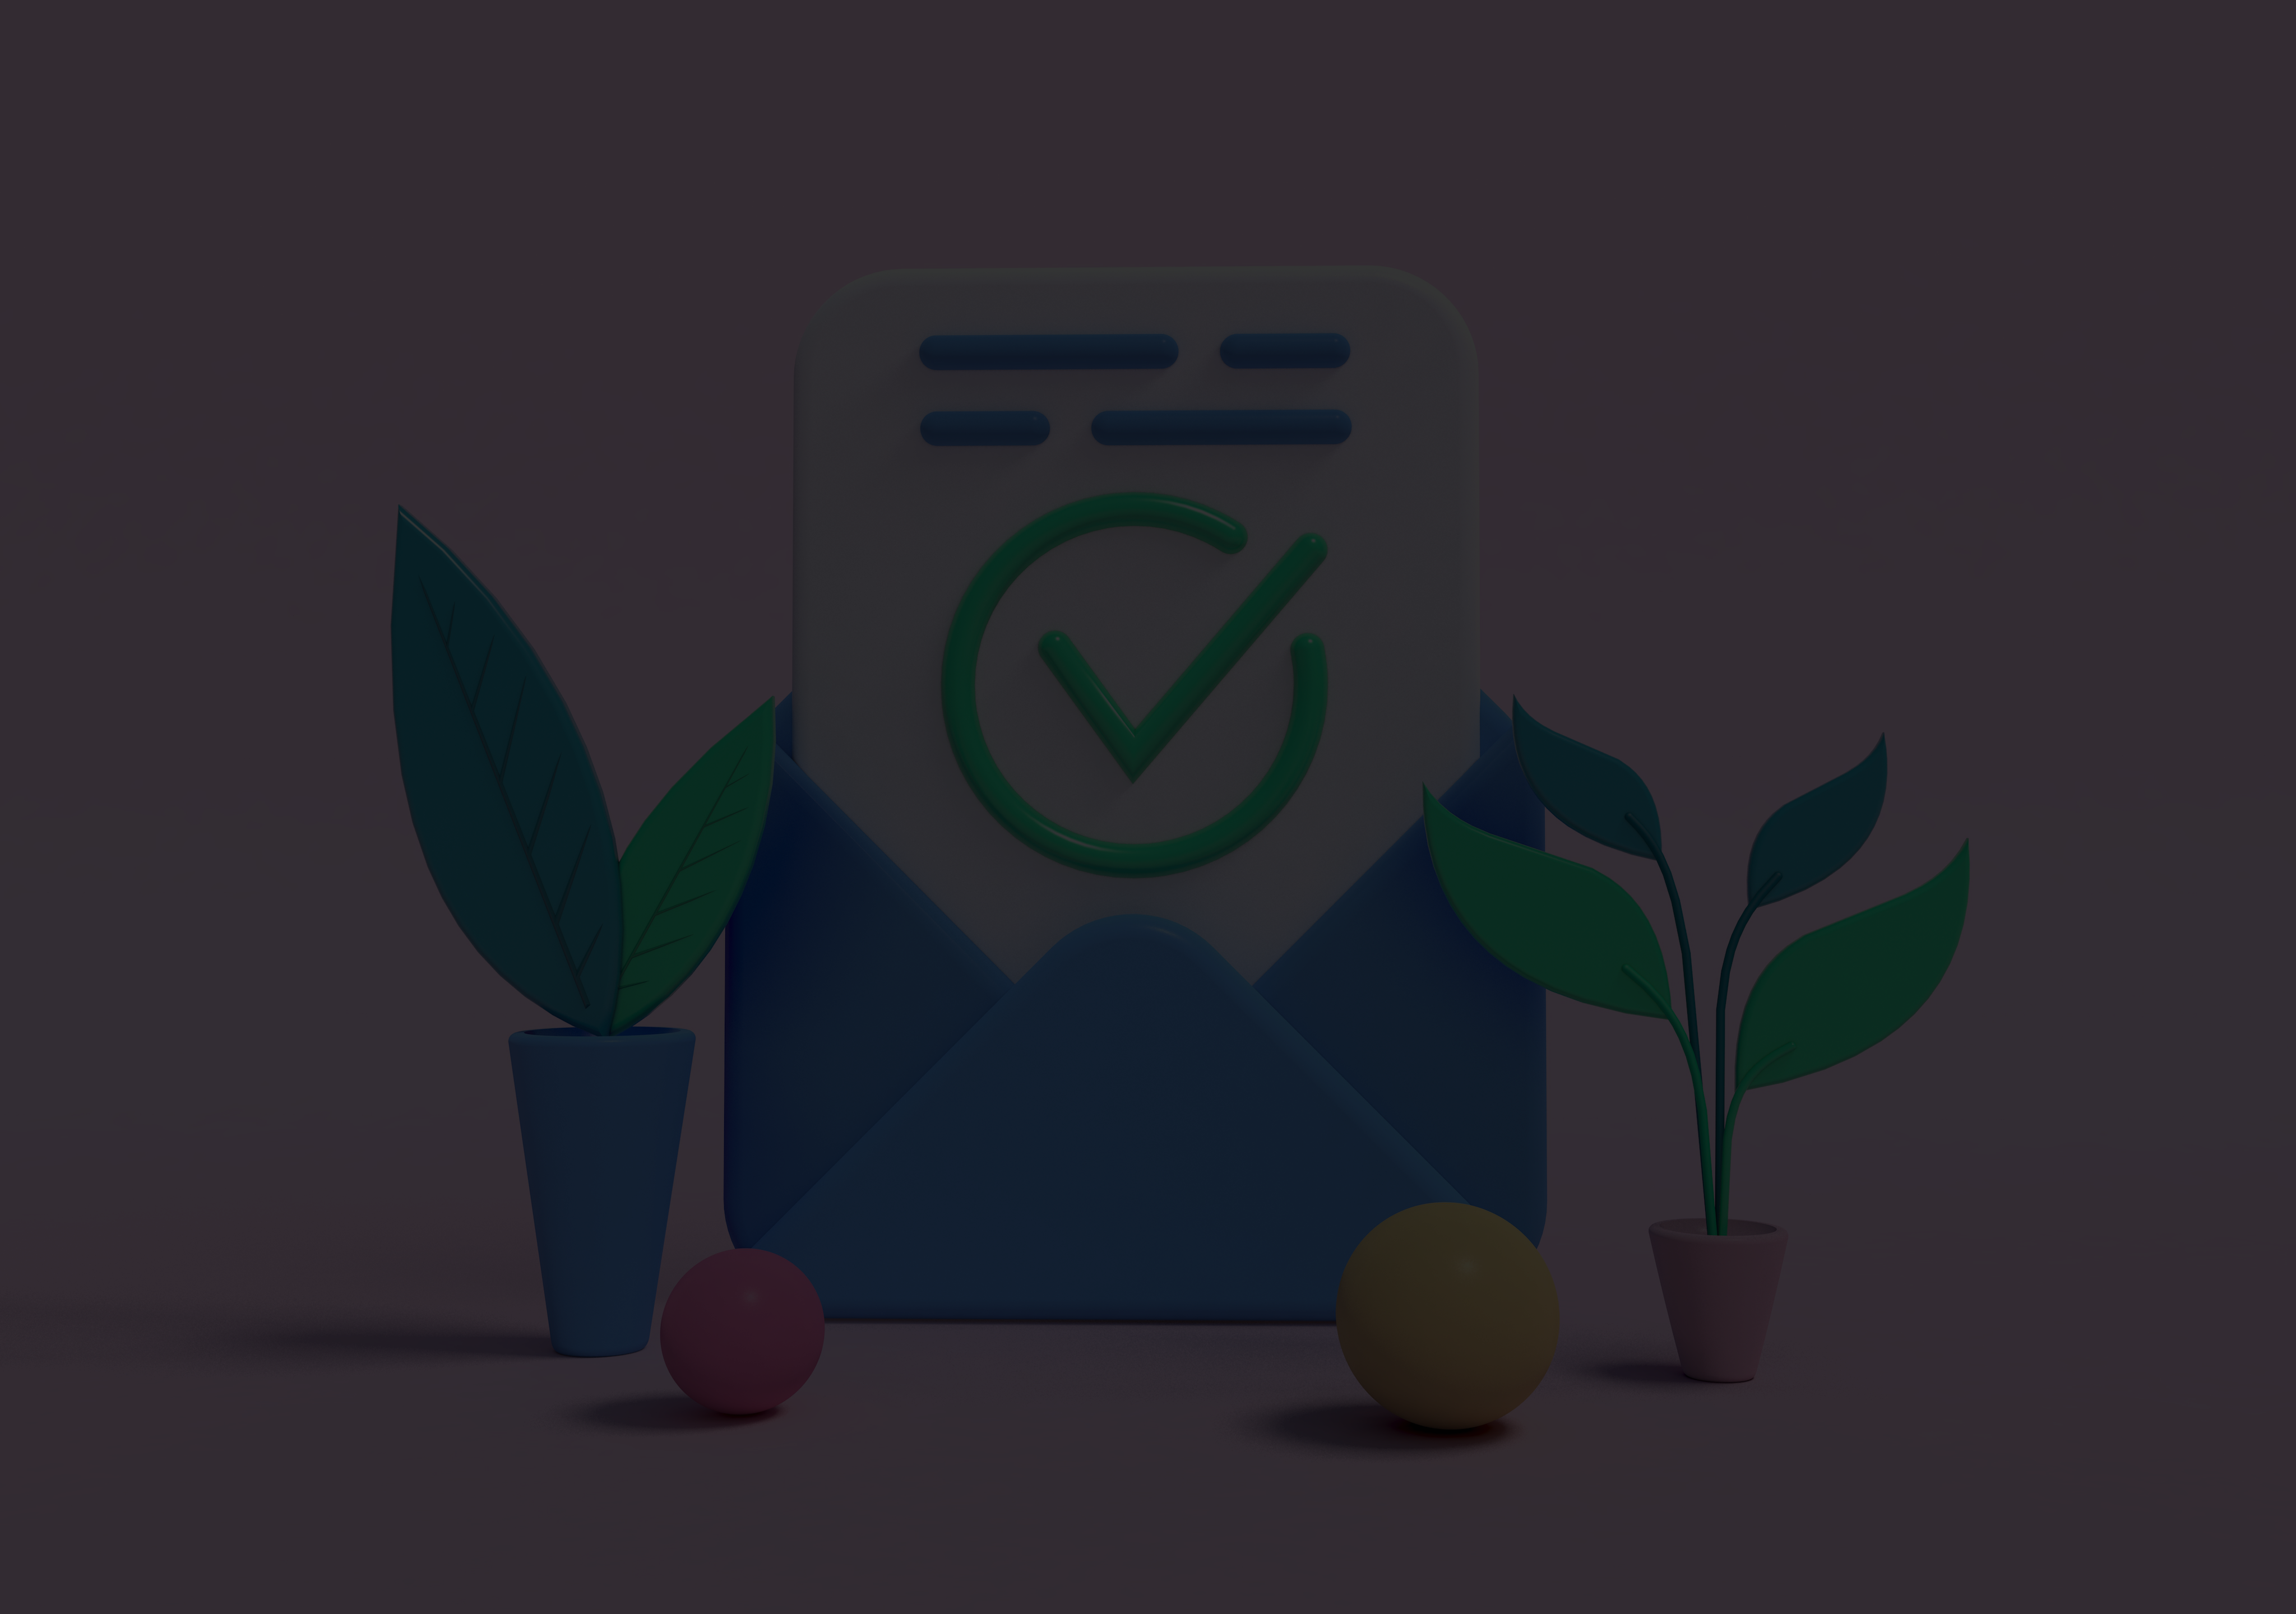 Email d'acquisition : tous les éléments d'un design optimal